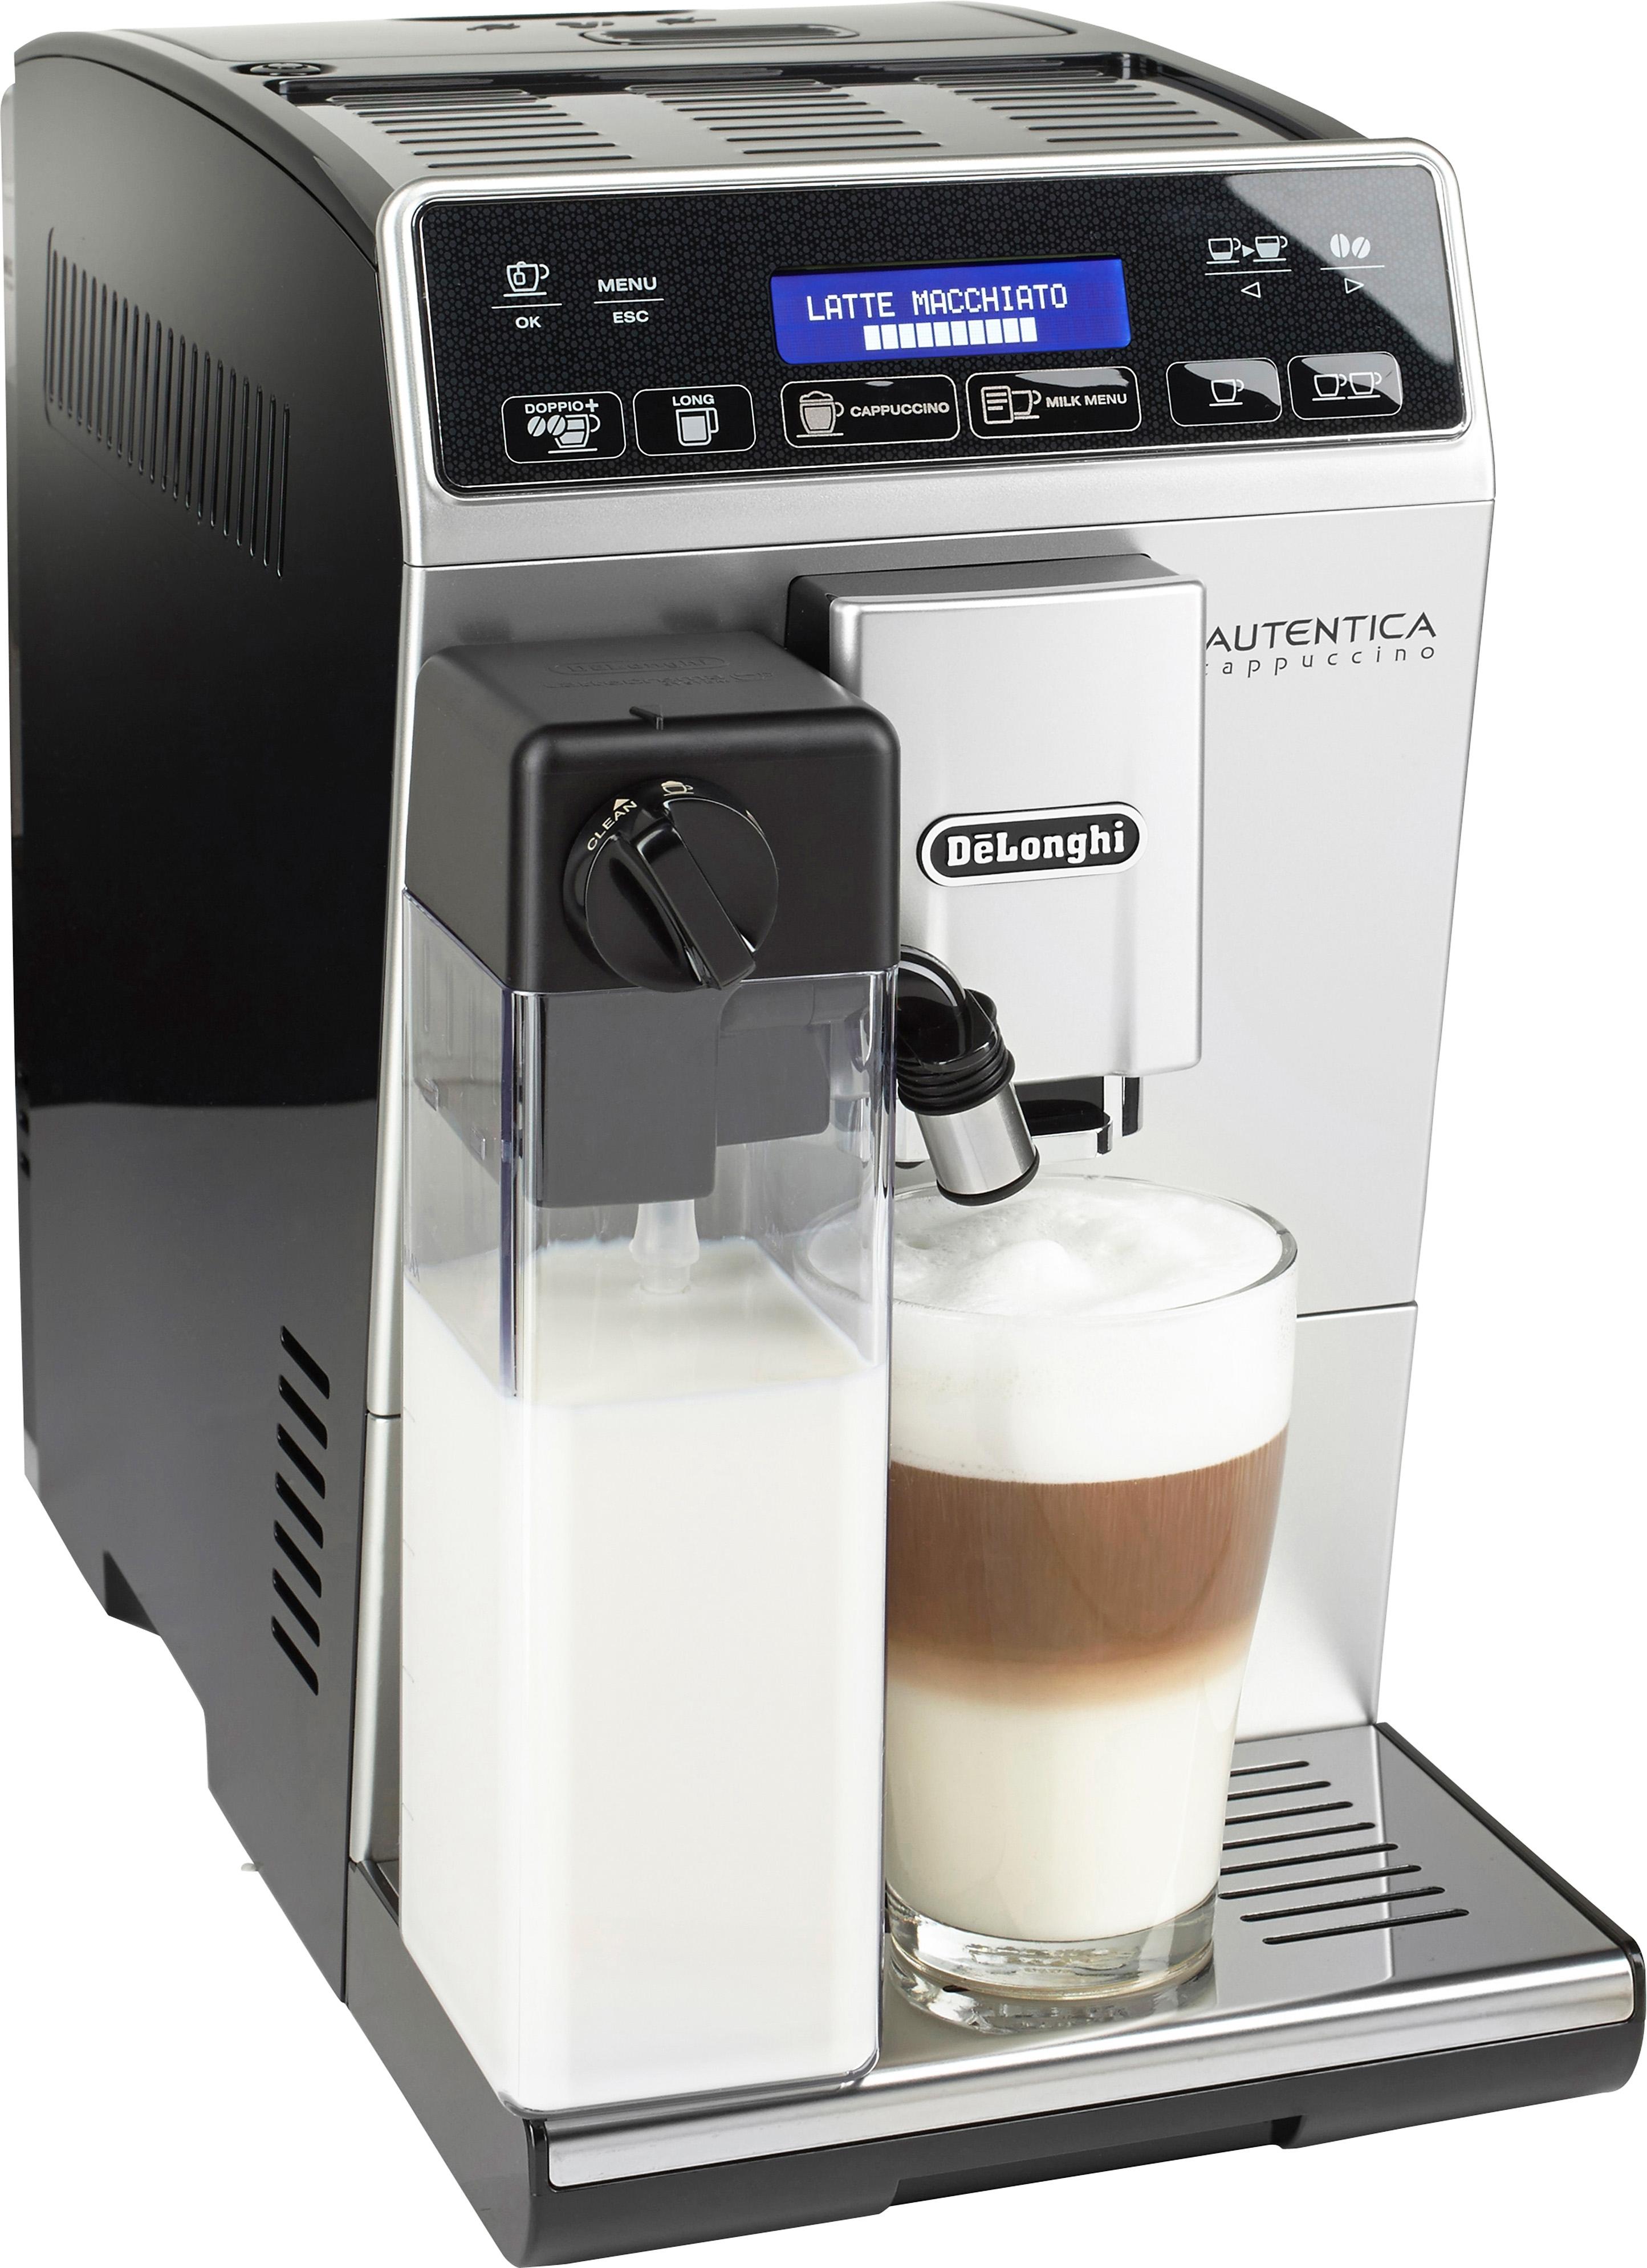 De'longhi Delonghi volautomatisch koffiezetapparaat Autentica 29.660.SB, zilverkleur/zwart voordelig en veilig online kopen